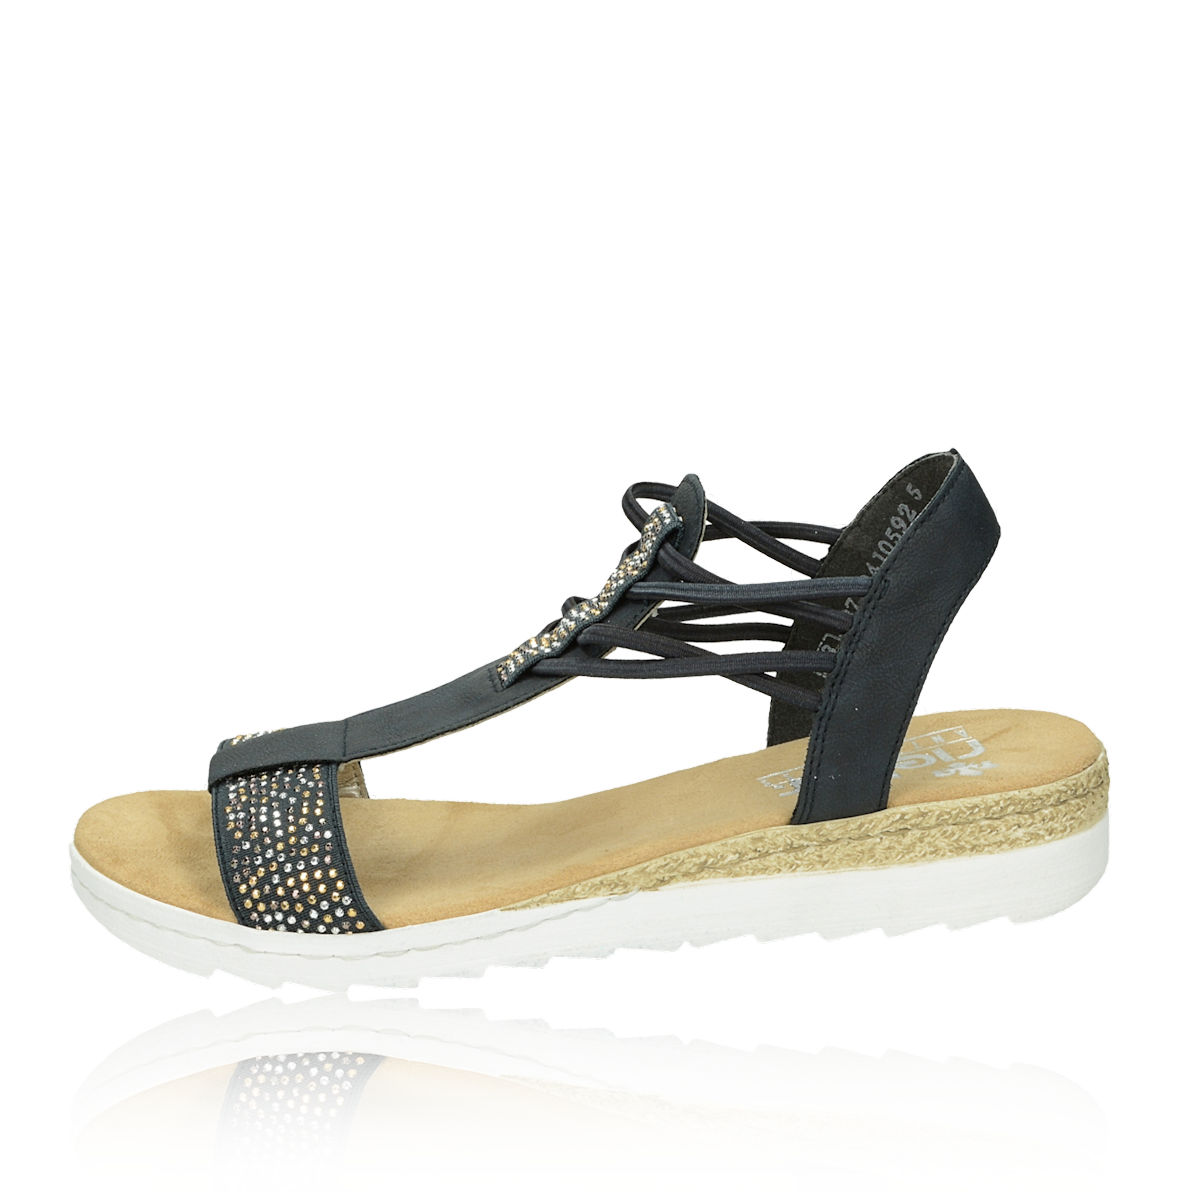 e2b38102d3ef Rieker dámske pohodlné sandále - modré Rieker dámske pohodlné sandále -  modré ...